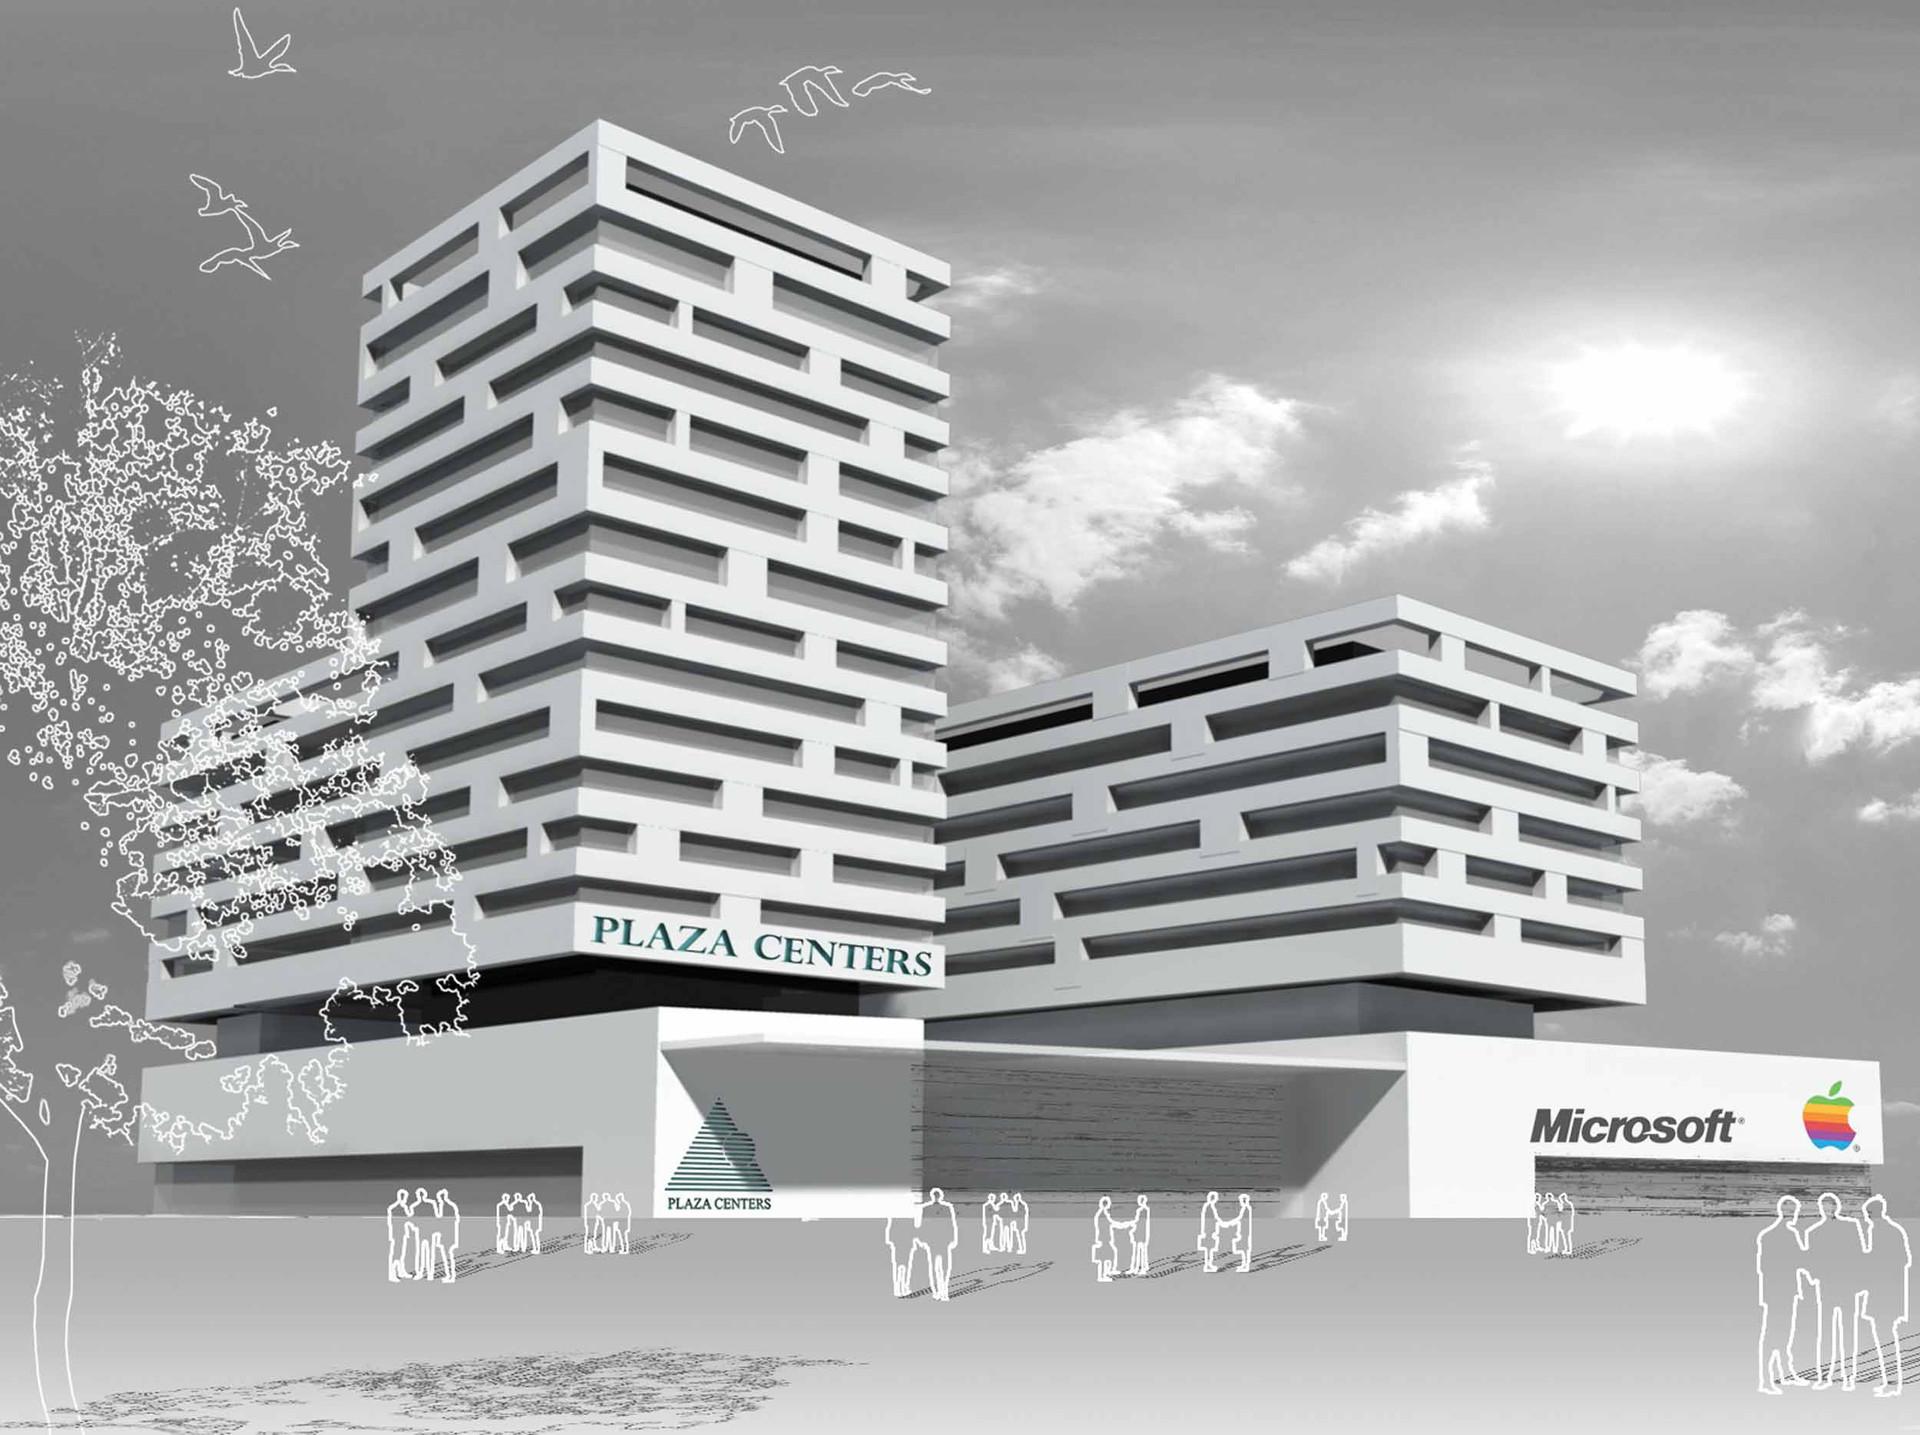 מרכז מסחרי ומשרדים, סופיה, בולגריה